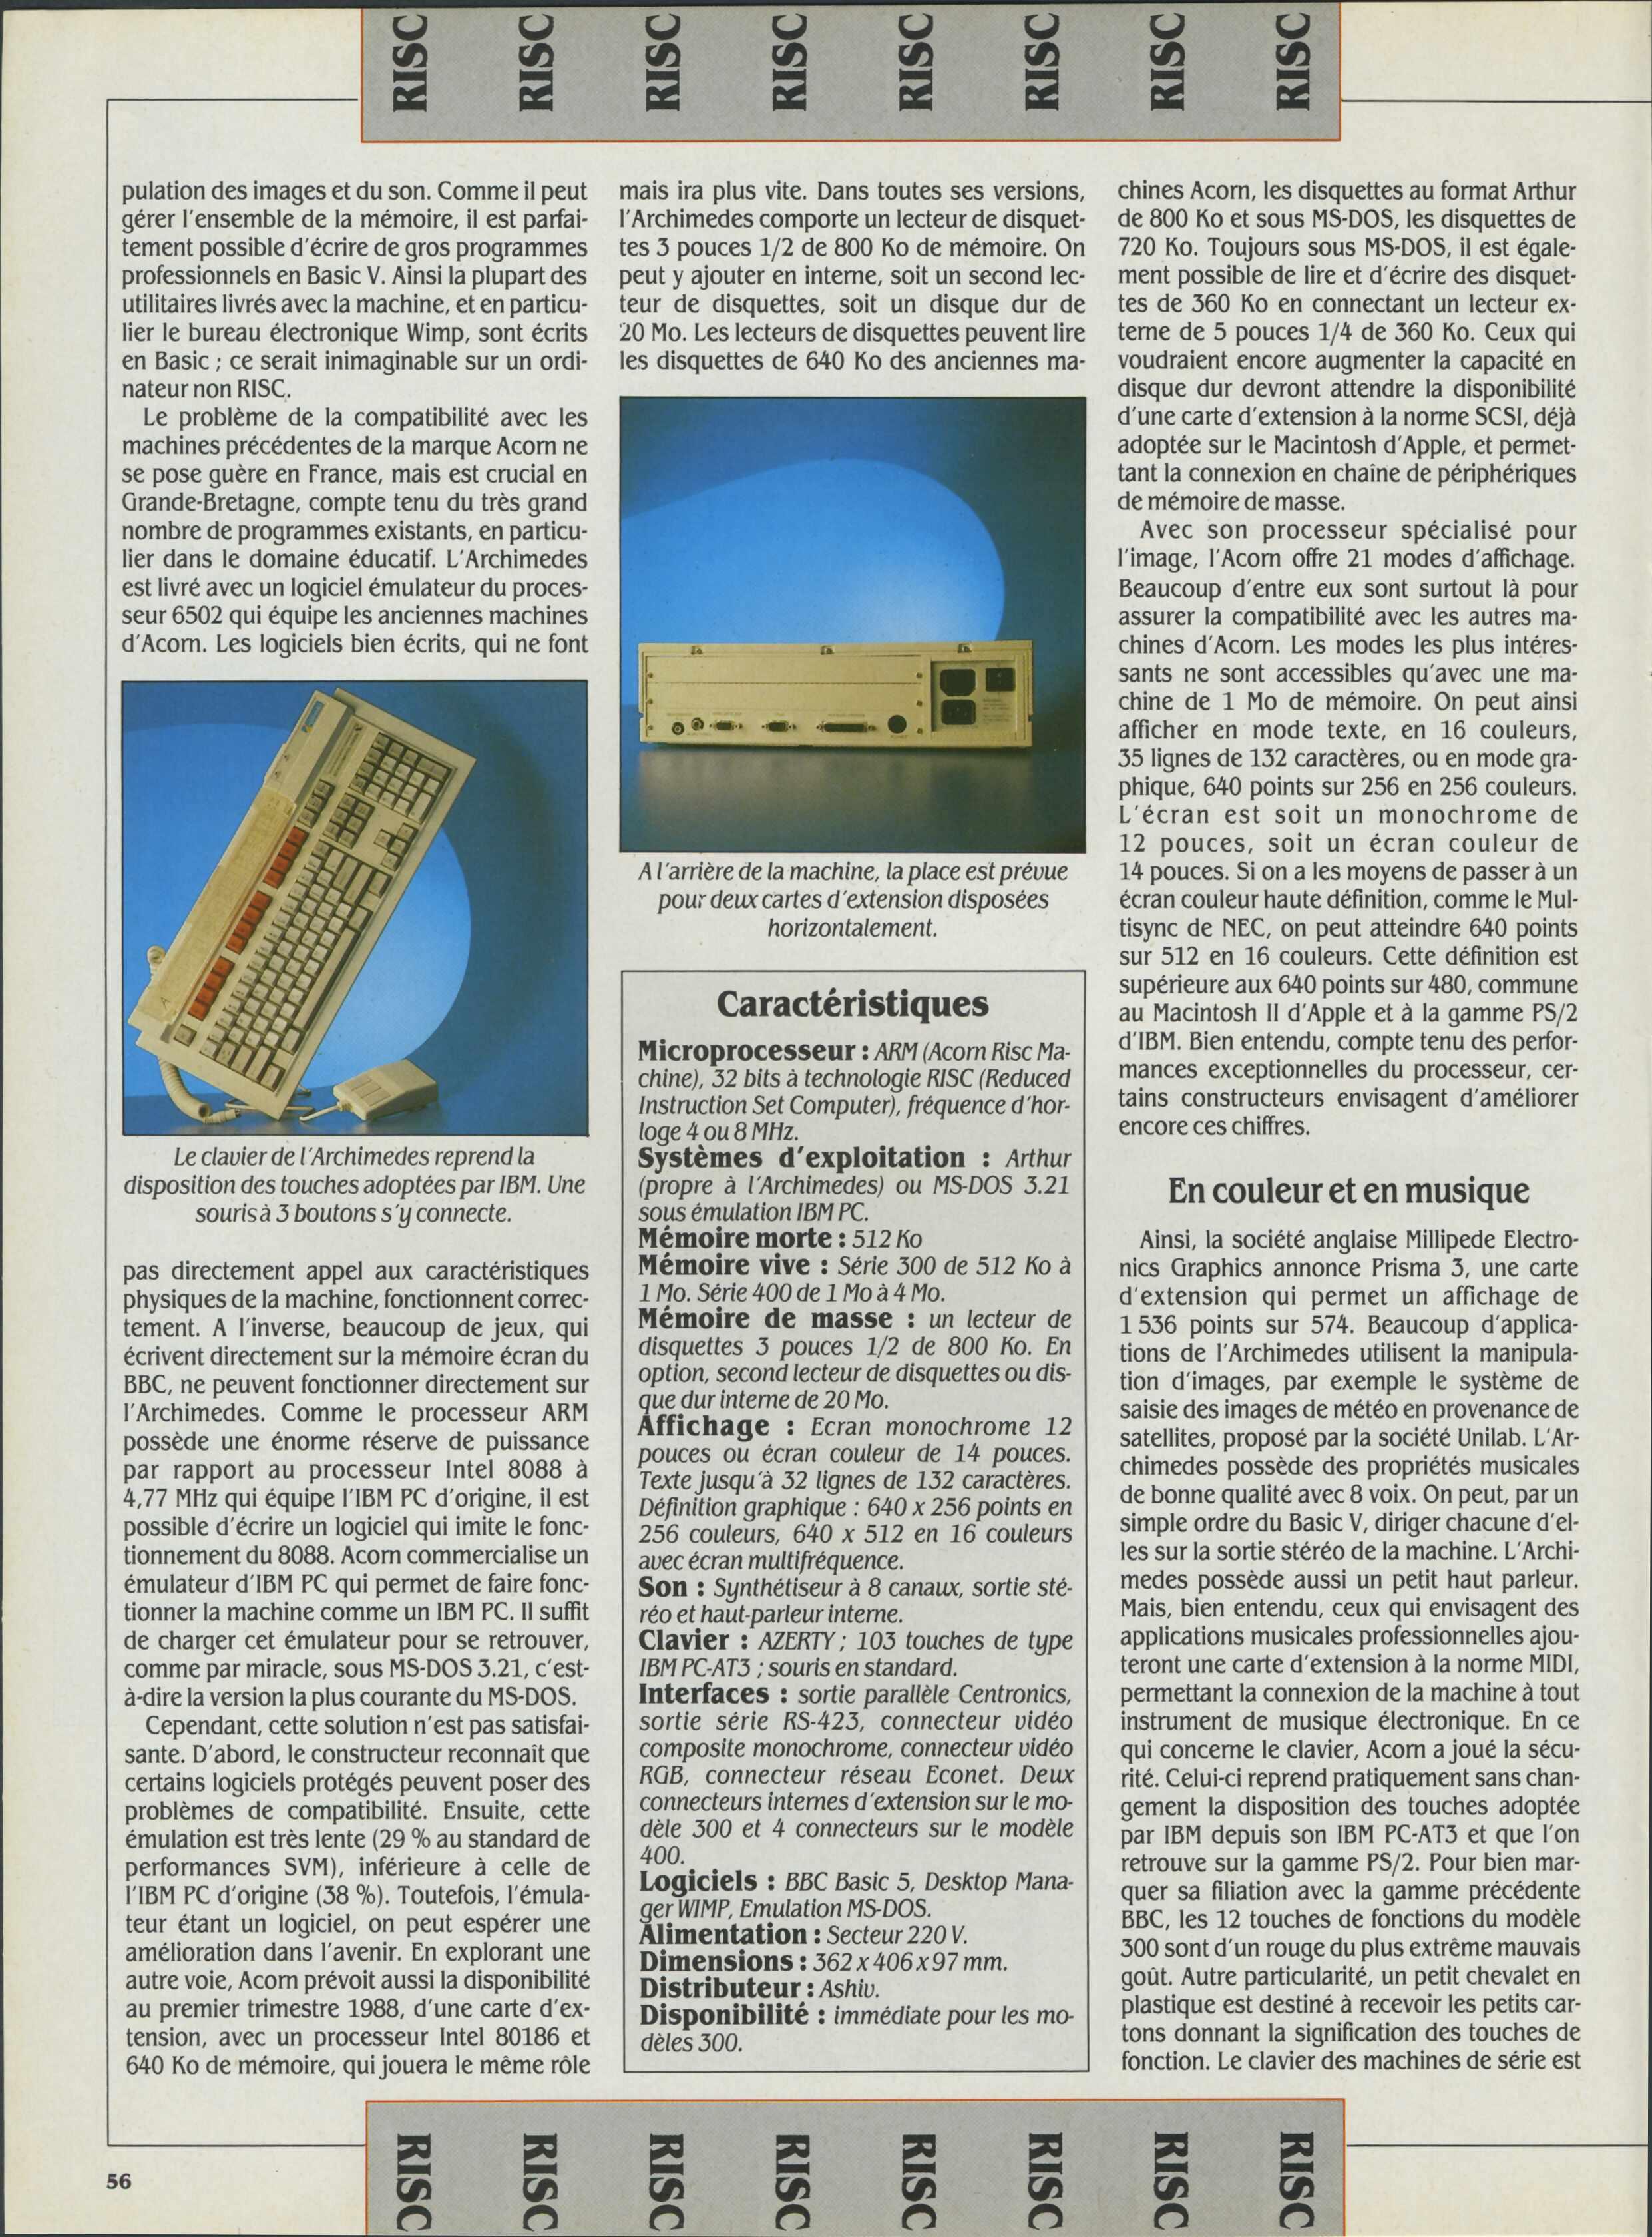 L'Amiga est trés surestimé comme machine de jeu - Page 24 Science%26Vie%20Micro%20046%20-%20Page%20056%20%281988-01%29